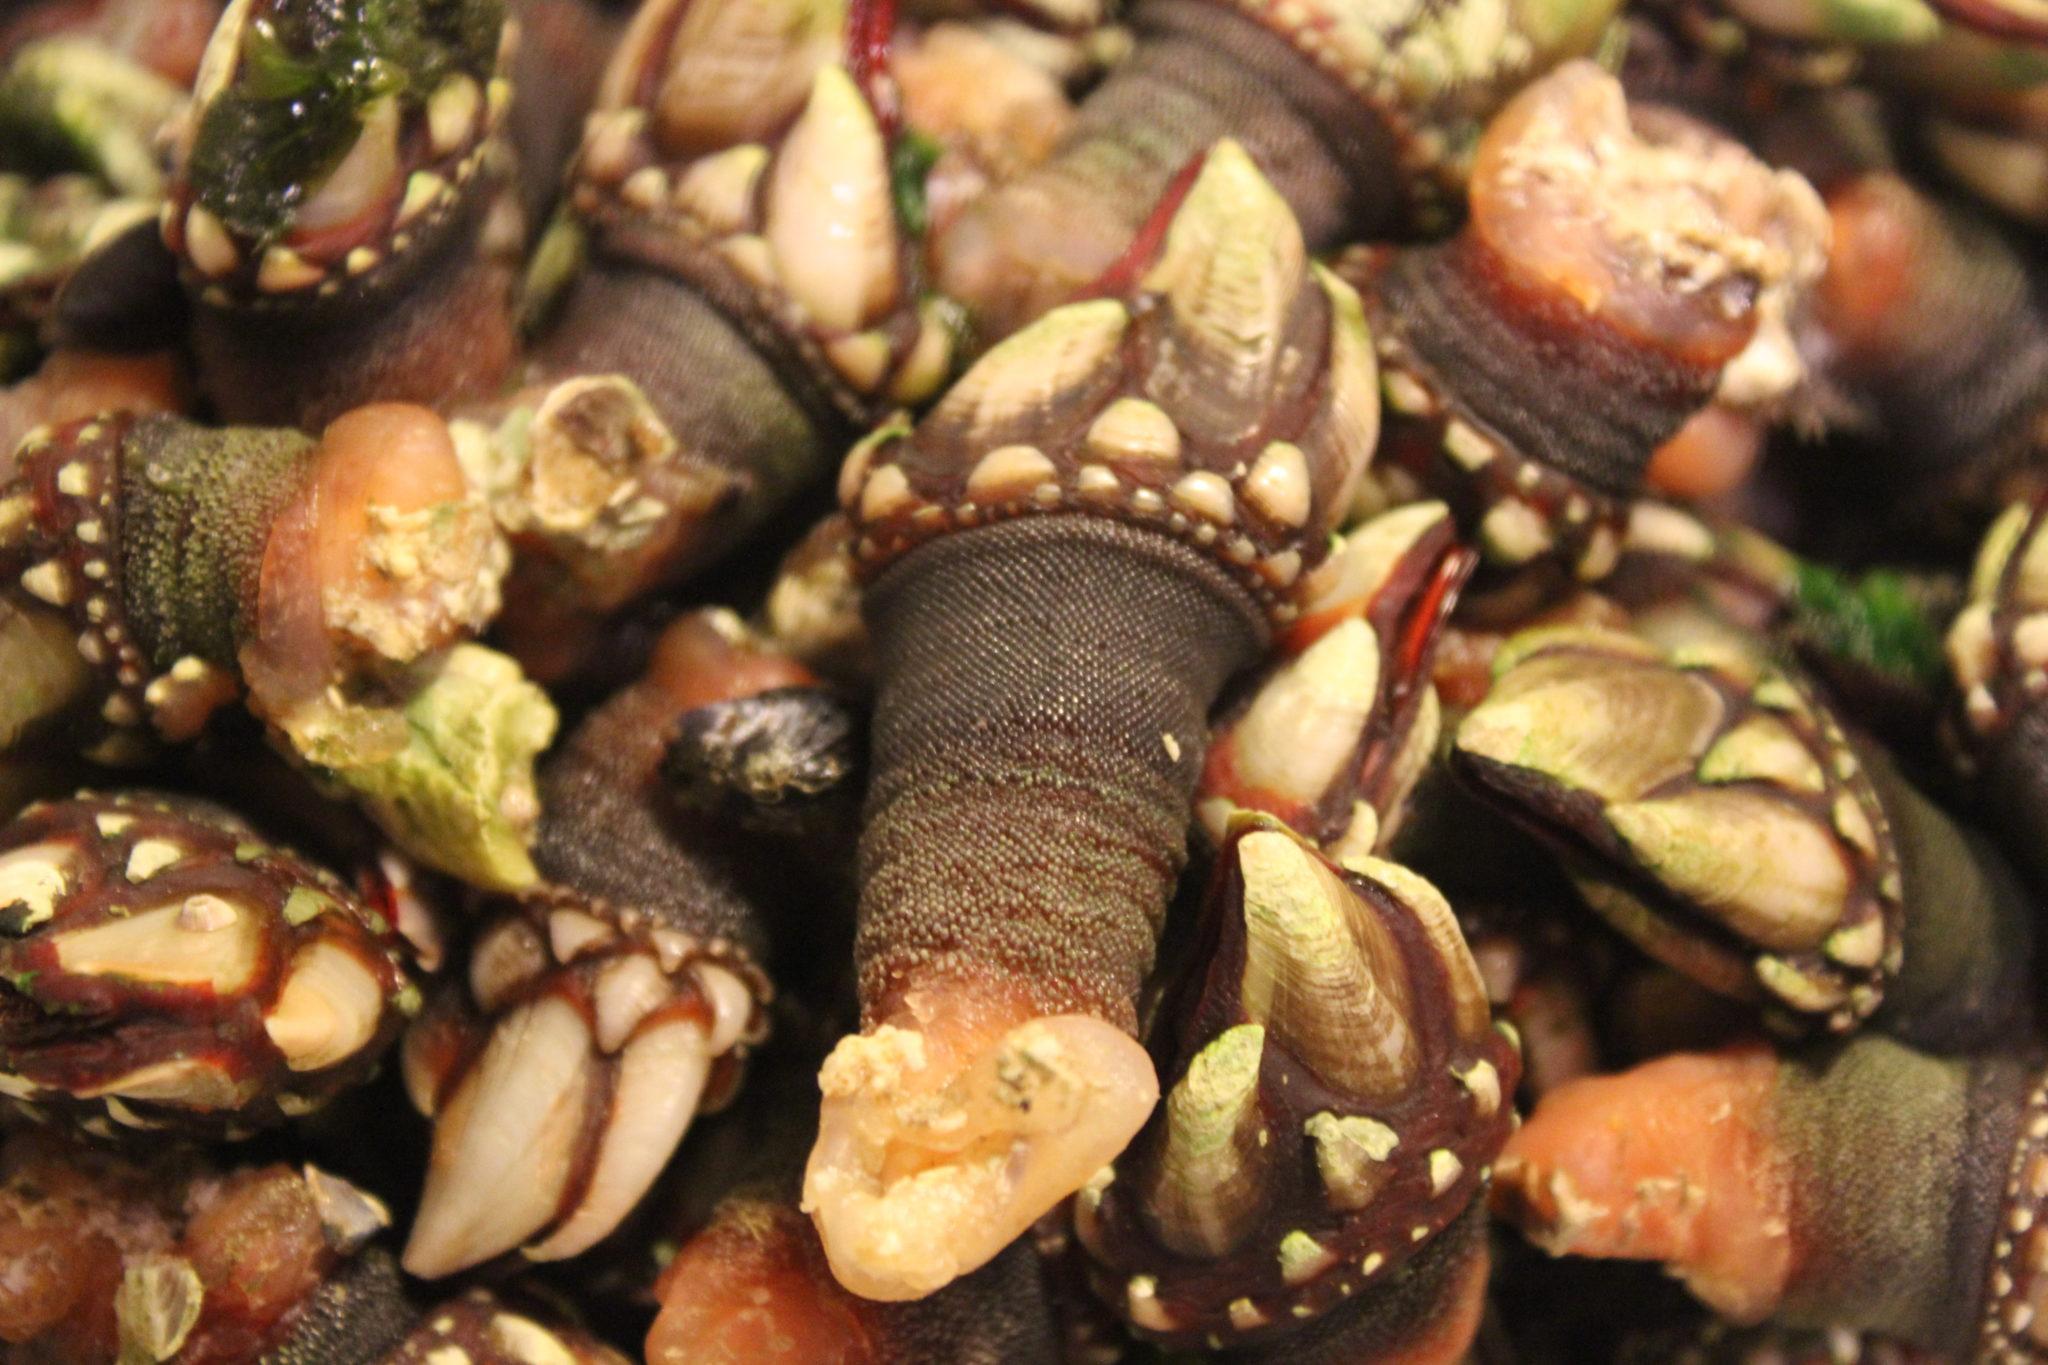 Marisco gallego: percebe de costa da morte, uno de los mariscos que más experimenta incremento de sus precios en las fiestas navideñas